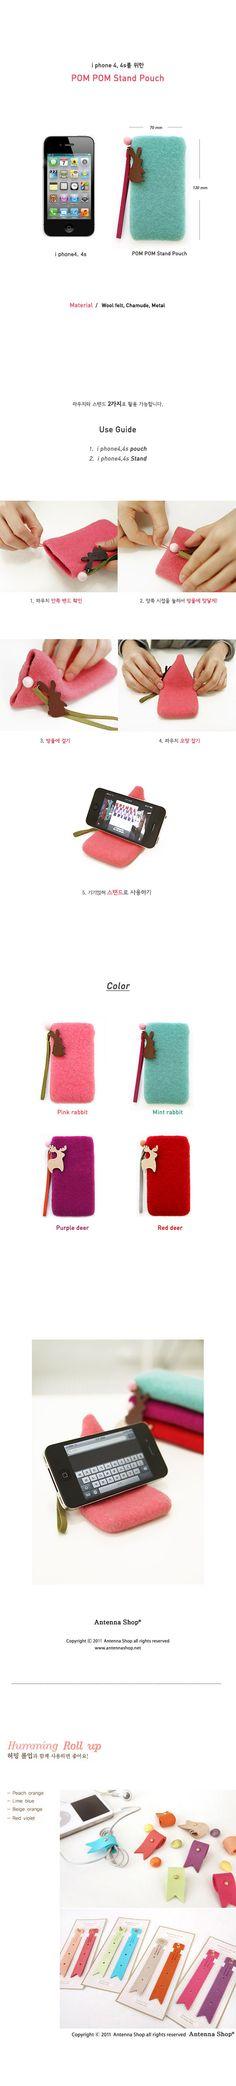 韓國進口羊毛蘋果iphone4s手機包女iphone4手機袋touch保護套支-淘寶網